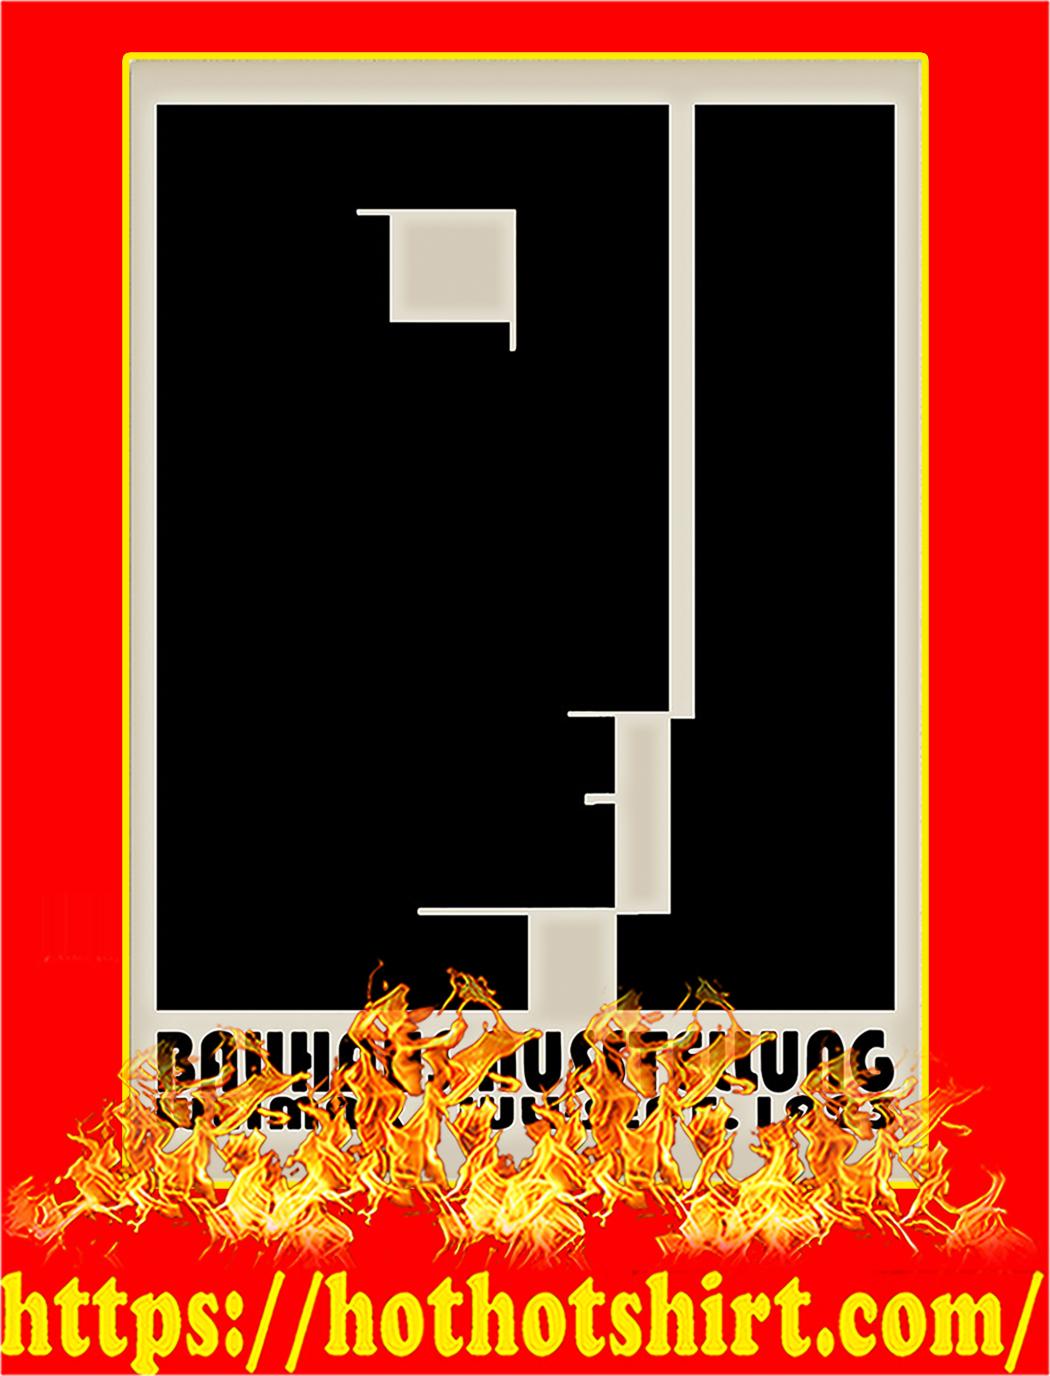 Bauhaus Ausstellung Weimar Juli - Sept 1923 poster - A2